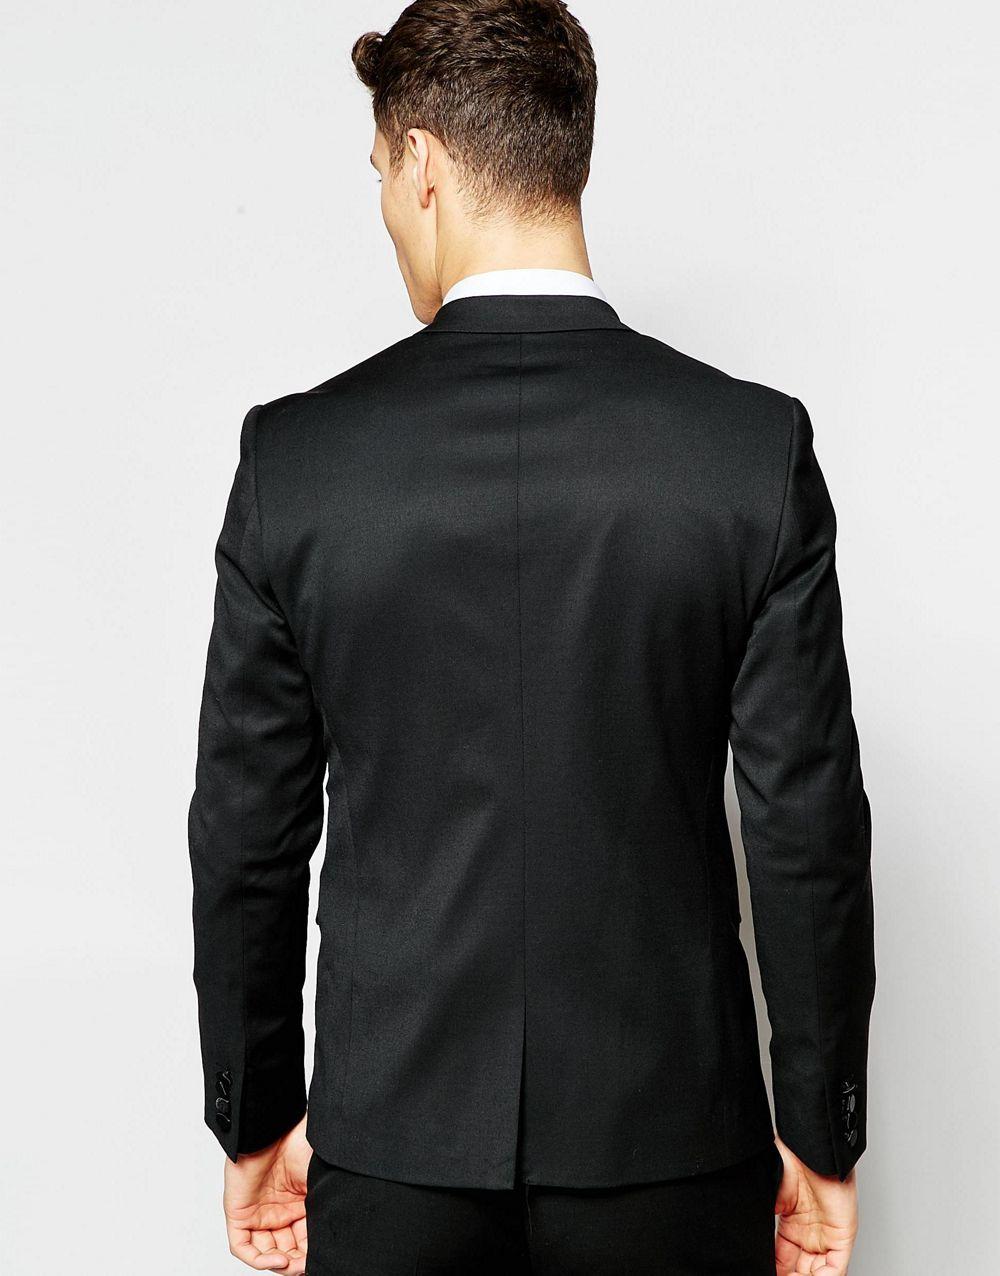 Costume Pour Hommes Designs Pièces Mariage Smoking Revers Satin Casamento Robe A Manteau Veste 2017 Atteint Pantalon Un De Dernière Noir 2 Sommet Terno Z64qx4